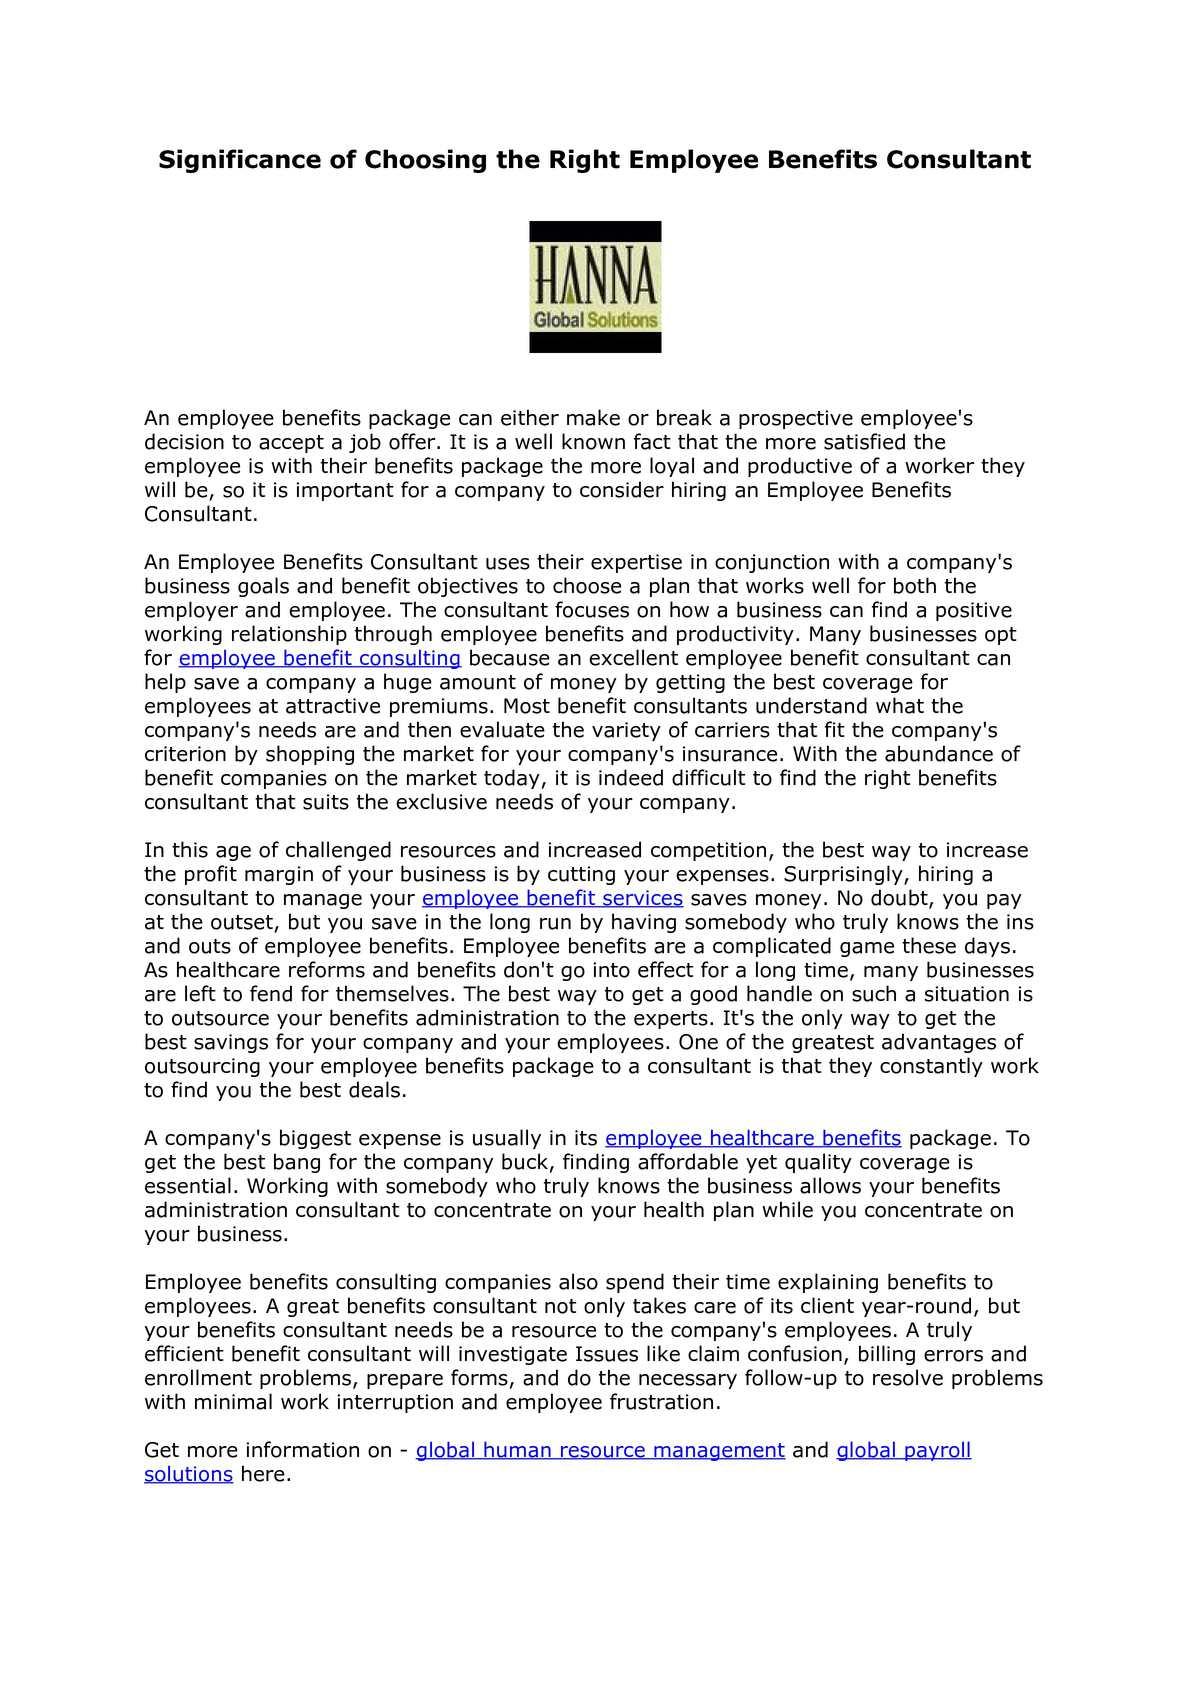 benefits consultant job description